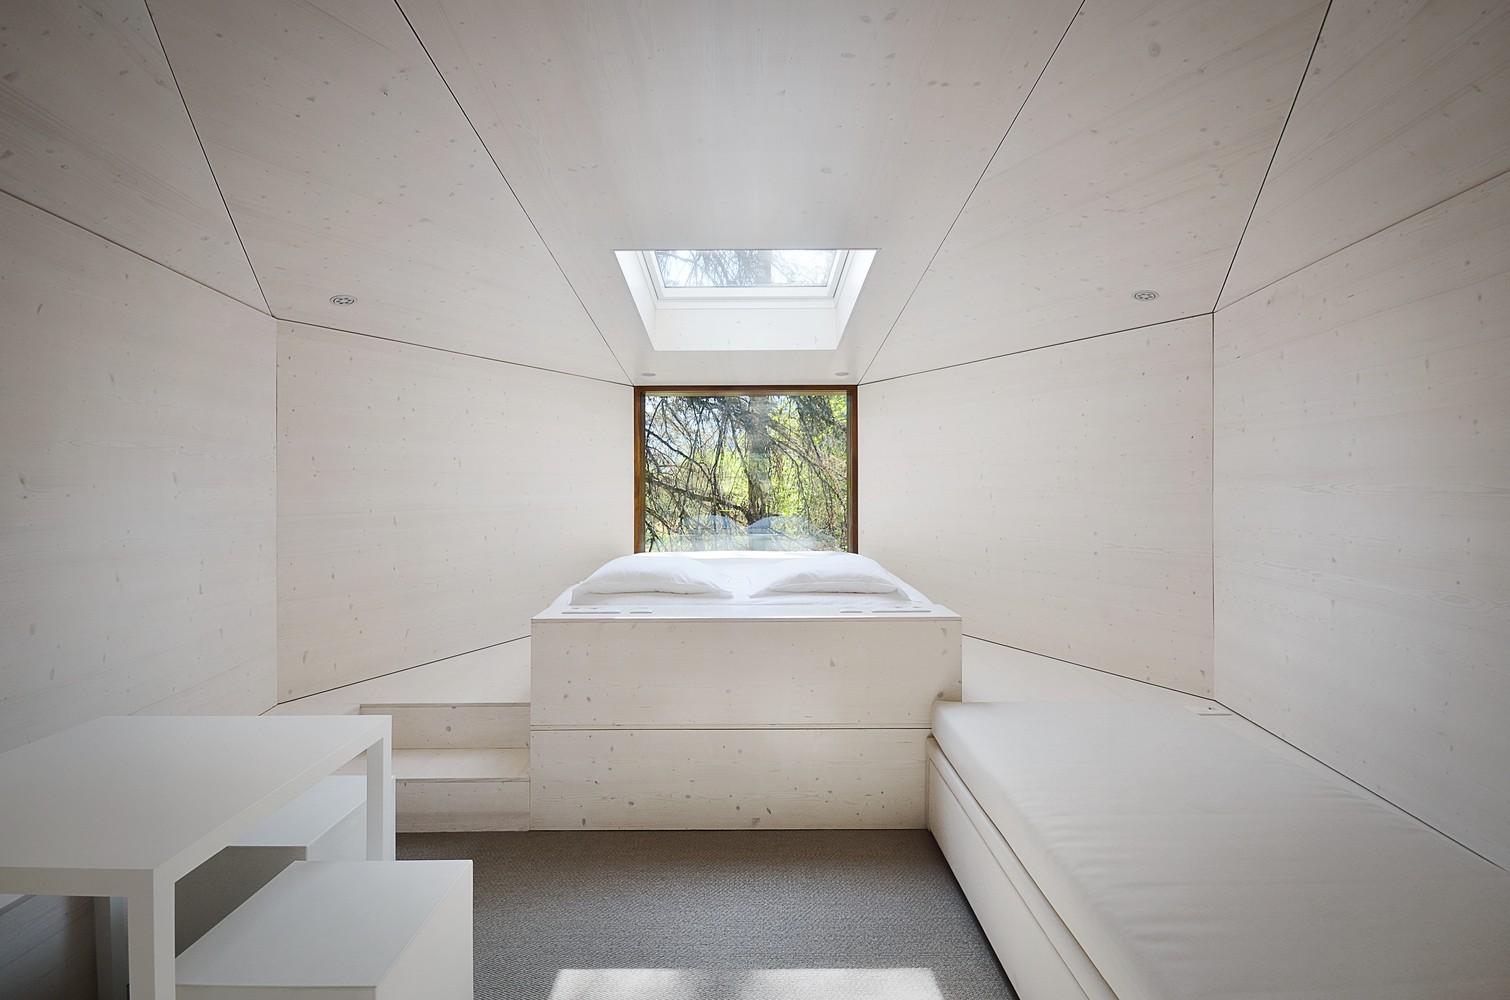 Hình ảnh toàn cảnh không gian sinh hoạt bên trong nhà cabin với phòng khách, bàn ăn, phòng ngủ tông màu trắng chủ đạo